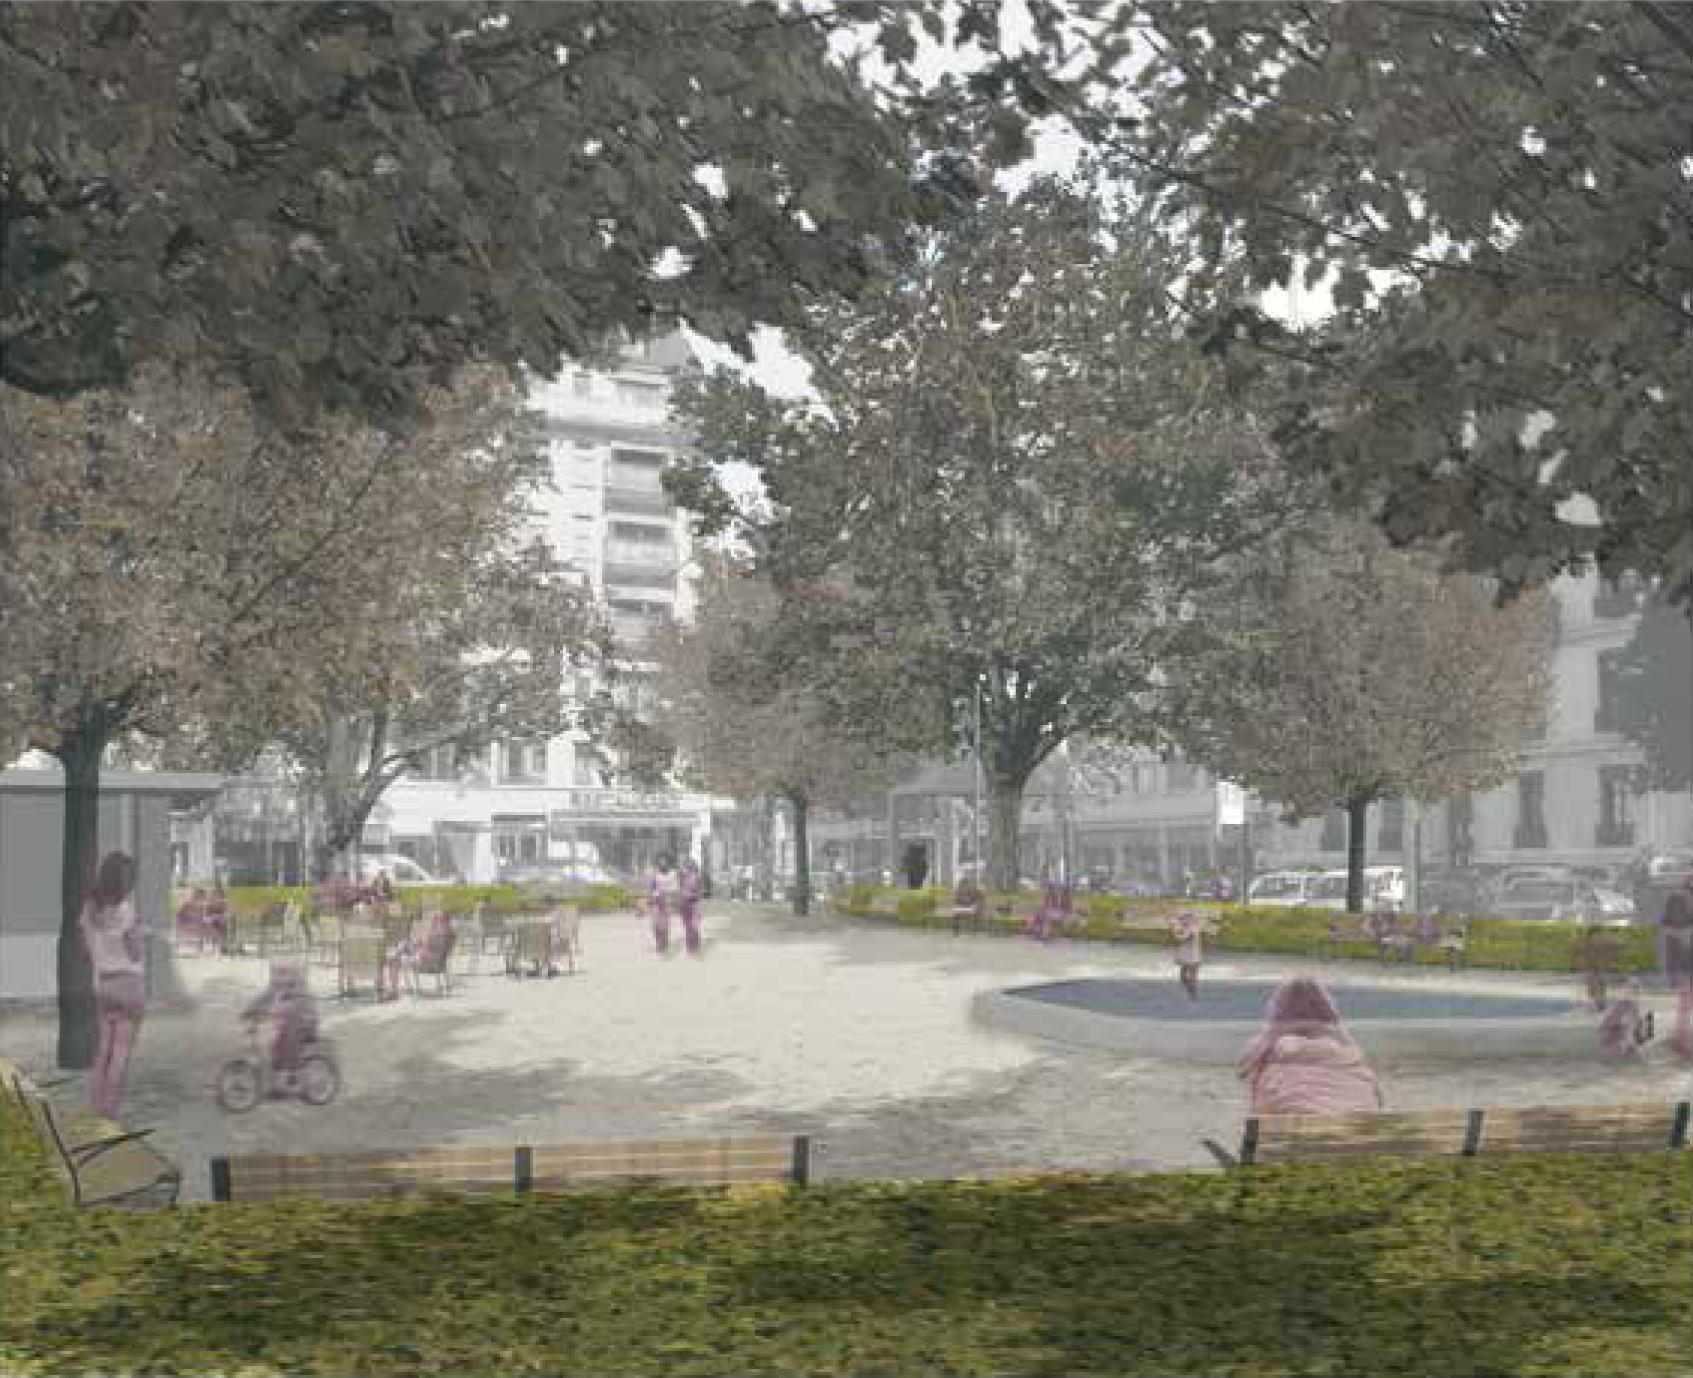 Concours d'aménagement d'espaces publics, place des augustins, Genève